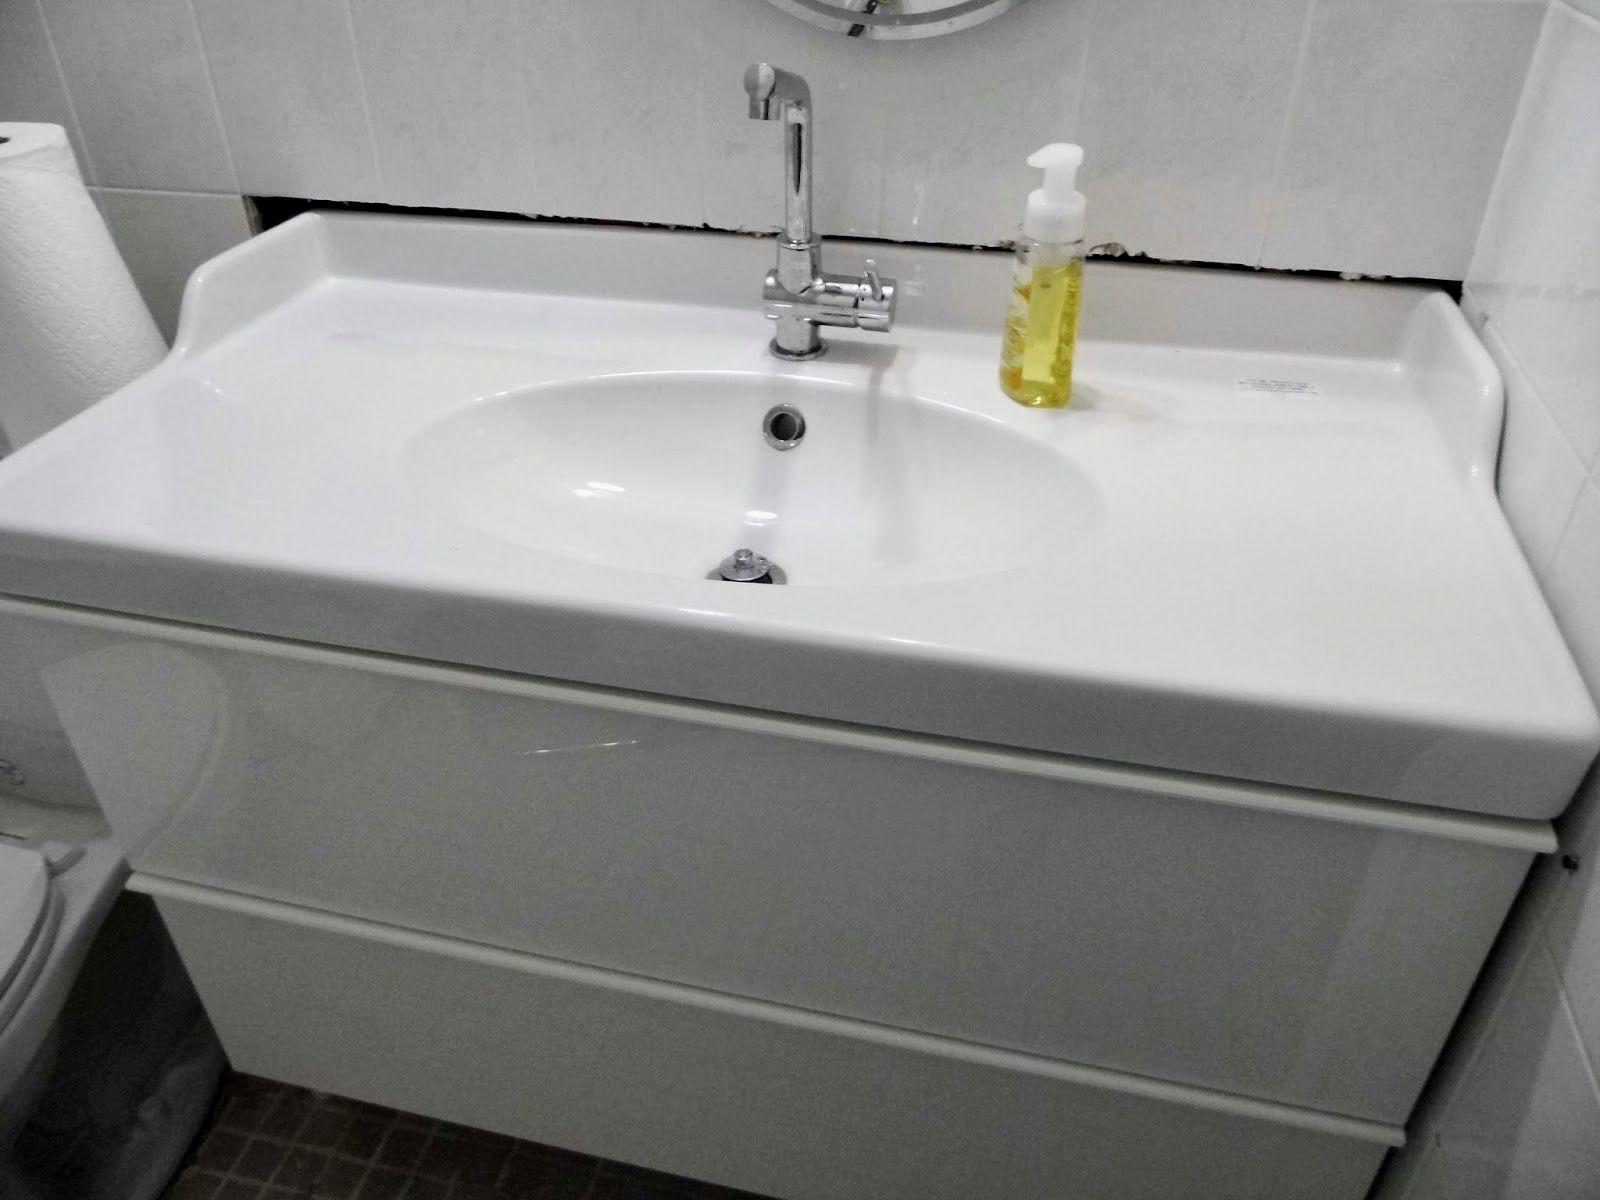 fresh how to paint a bathroom sink décor-Superb How to Paint A Bathroom Sink Photo